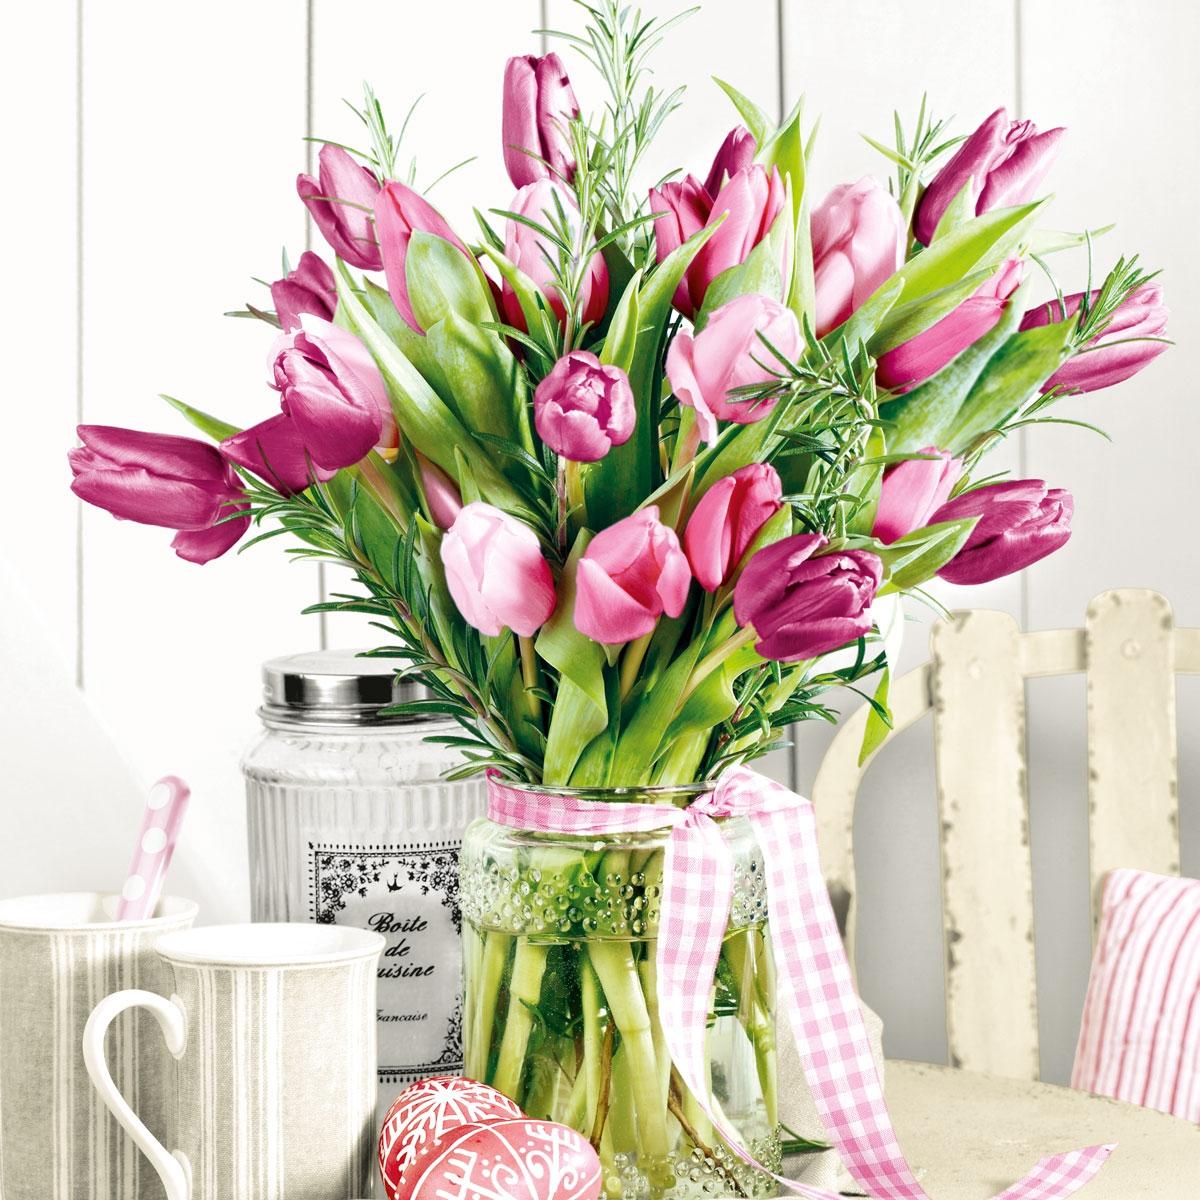 Lunch Servietten Bunch of Tulips,  Blumen - Tulpen,  Everyday,  lunchservietten